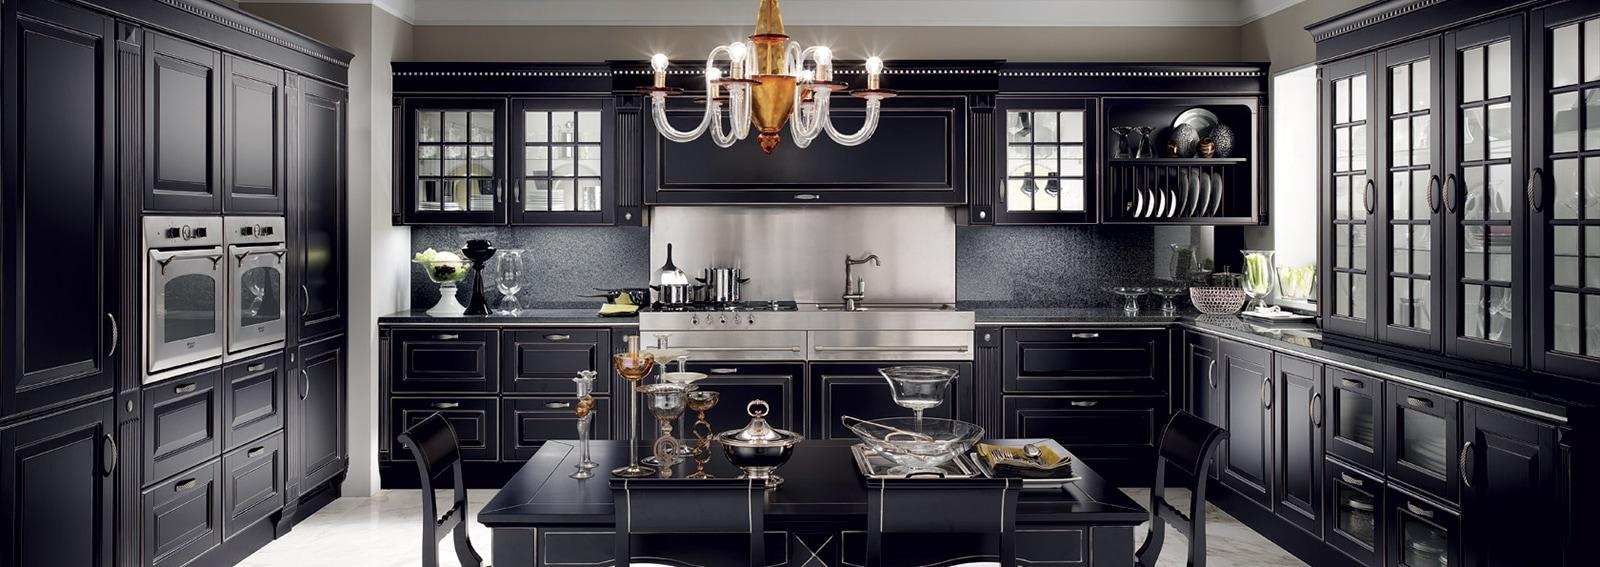 Best Configuratore Cucine Scavolini Pictures - acrylicgiftware.us ...